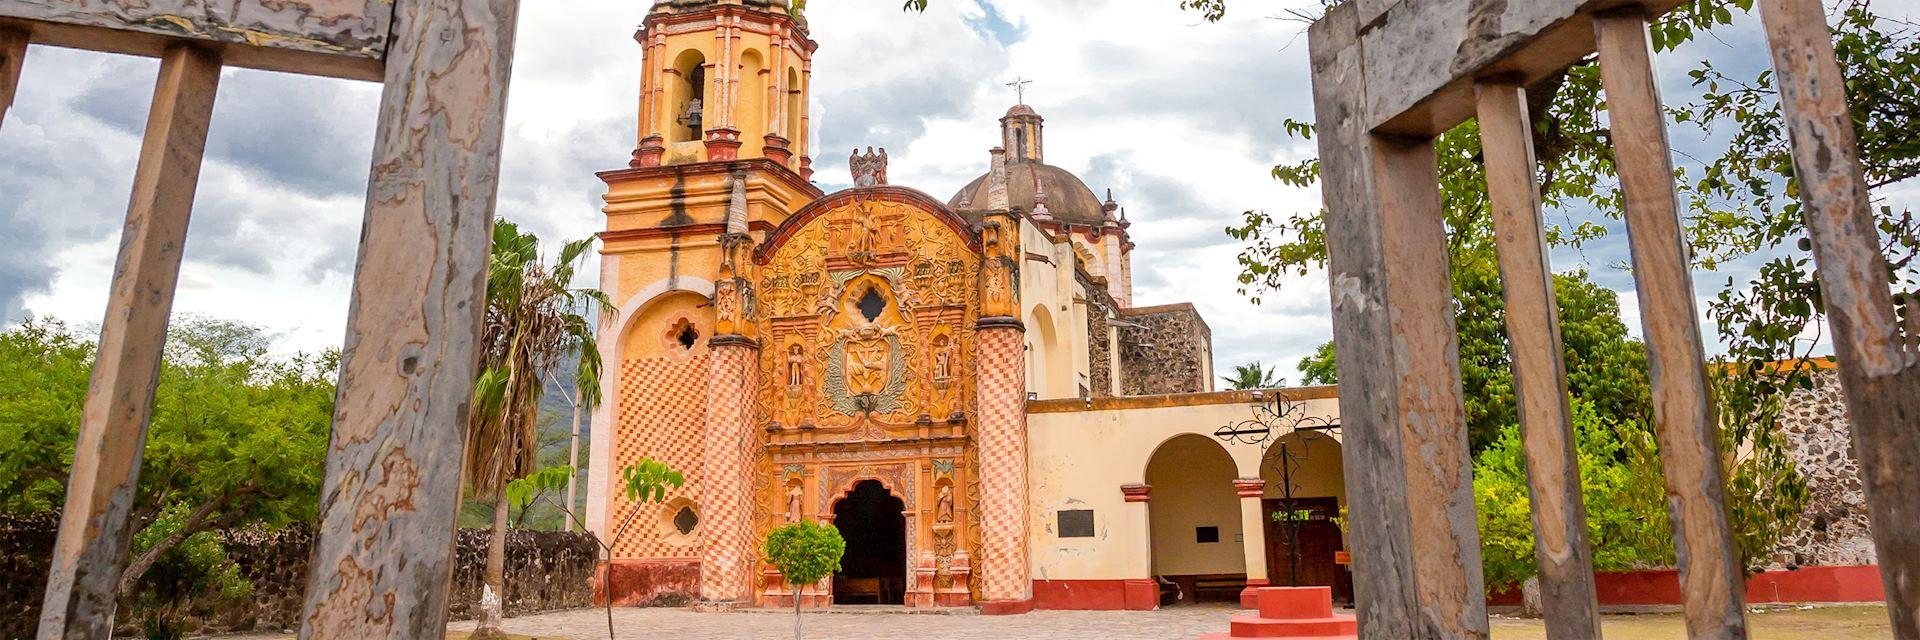 The church of San Miguel Concá, Querétaro